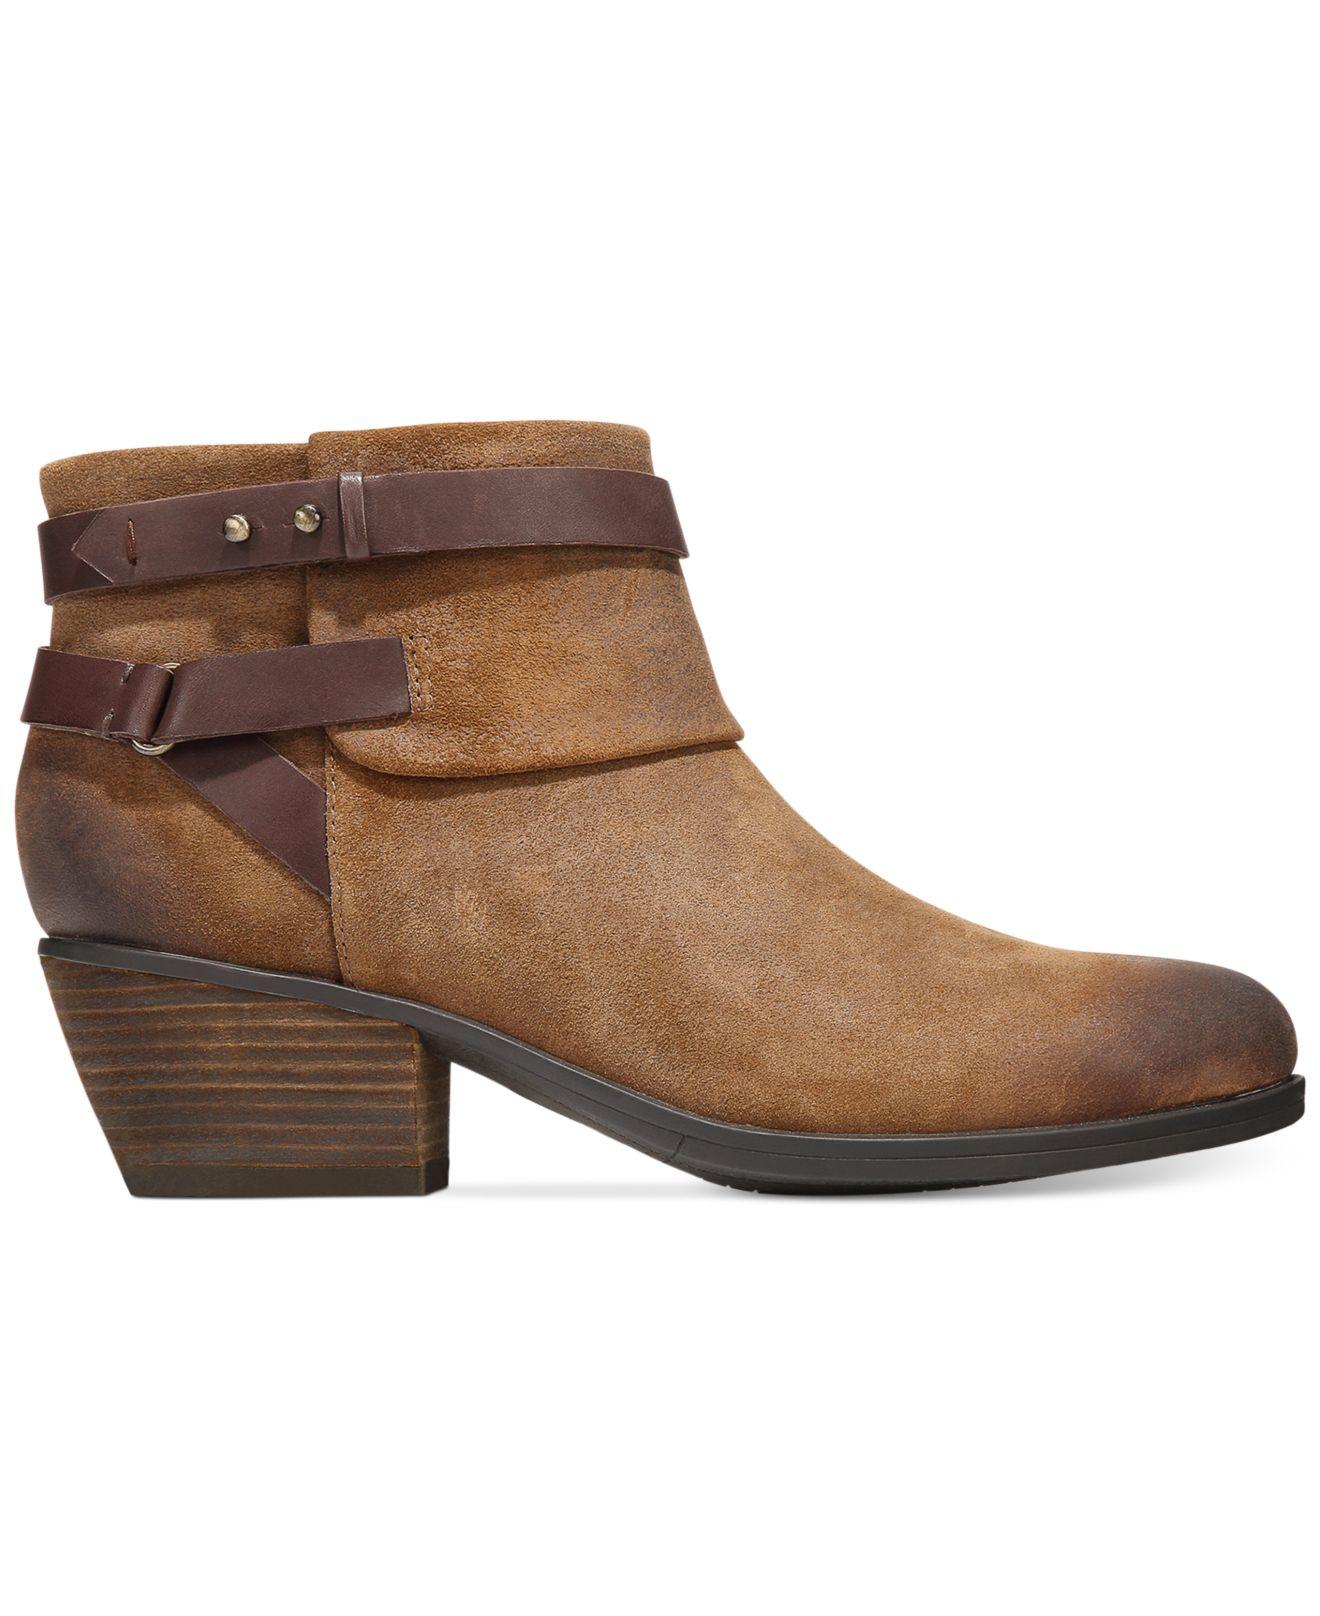 Women S Shoe Booties   Metallic